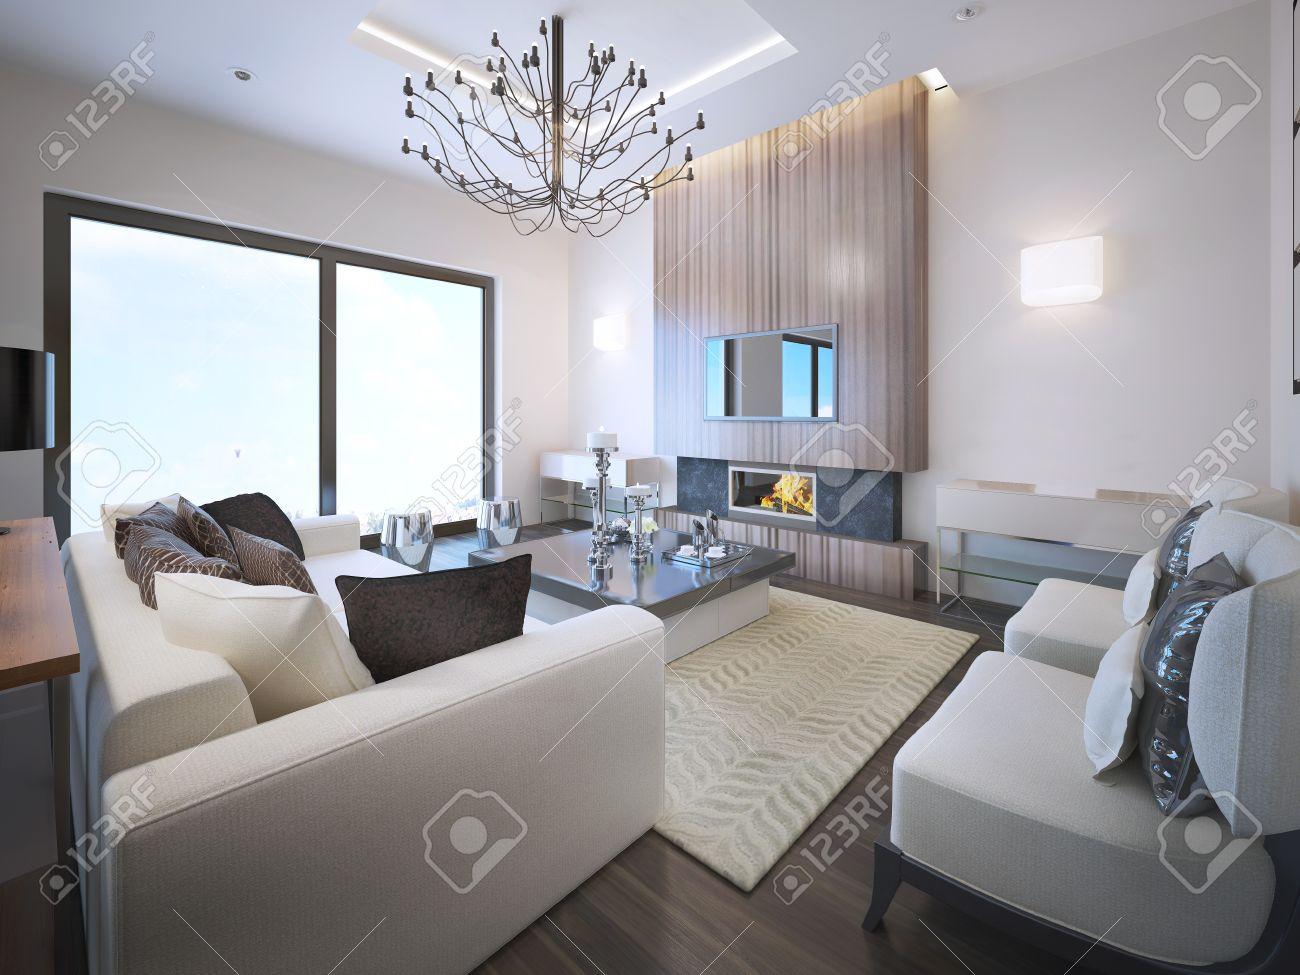 soggiorno moderno con camino foto royalty free, immagini, immagini ... - Colore Pareti Soggiorno Mobili Bianchi